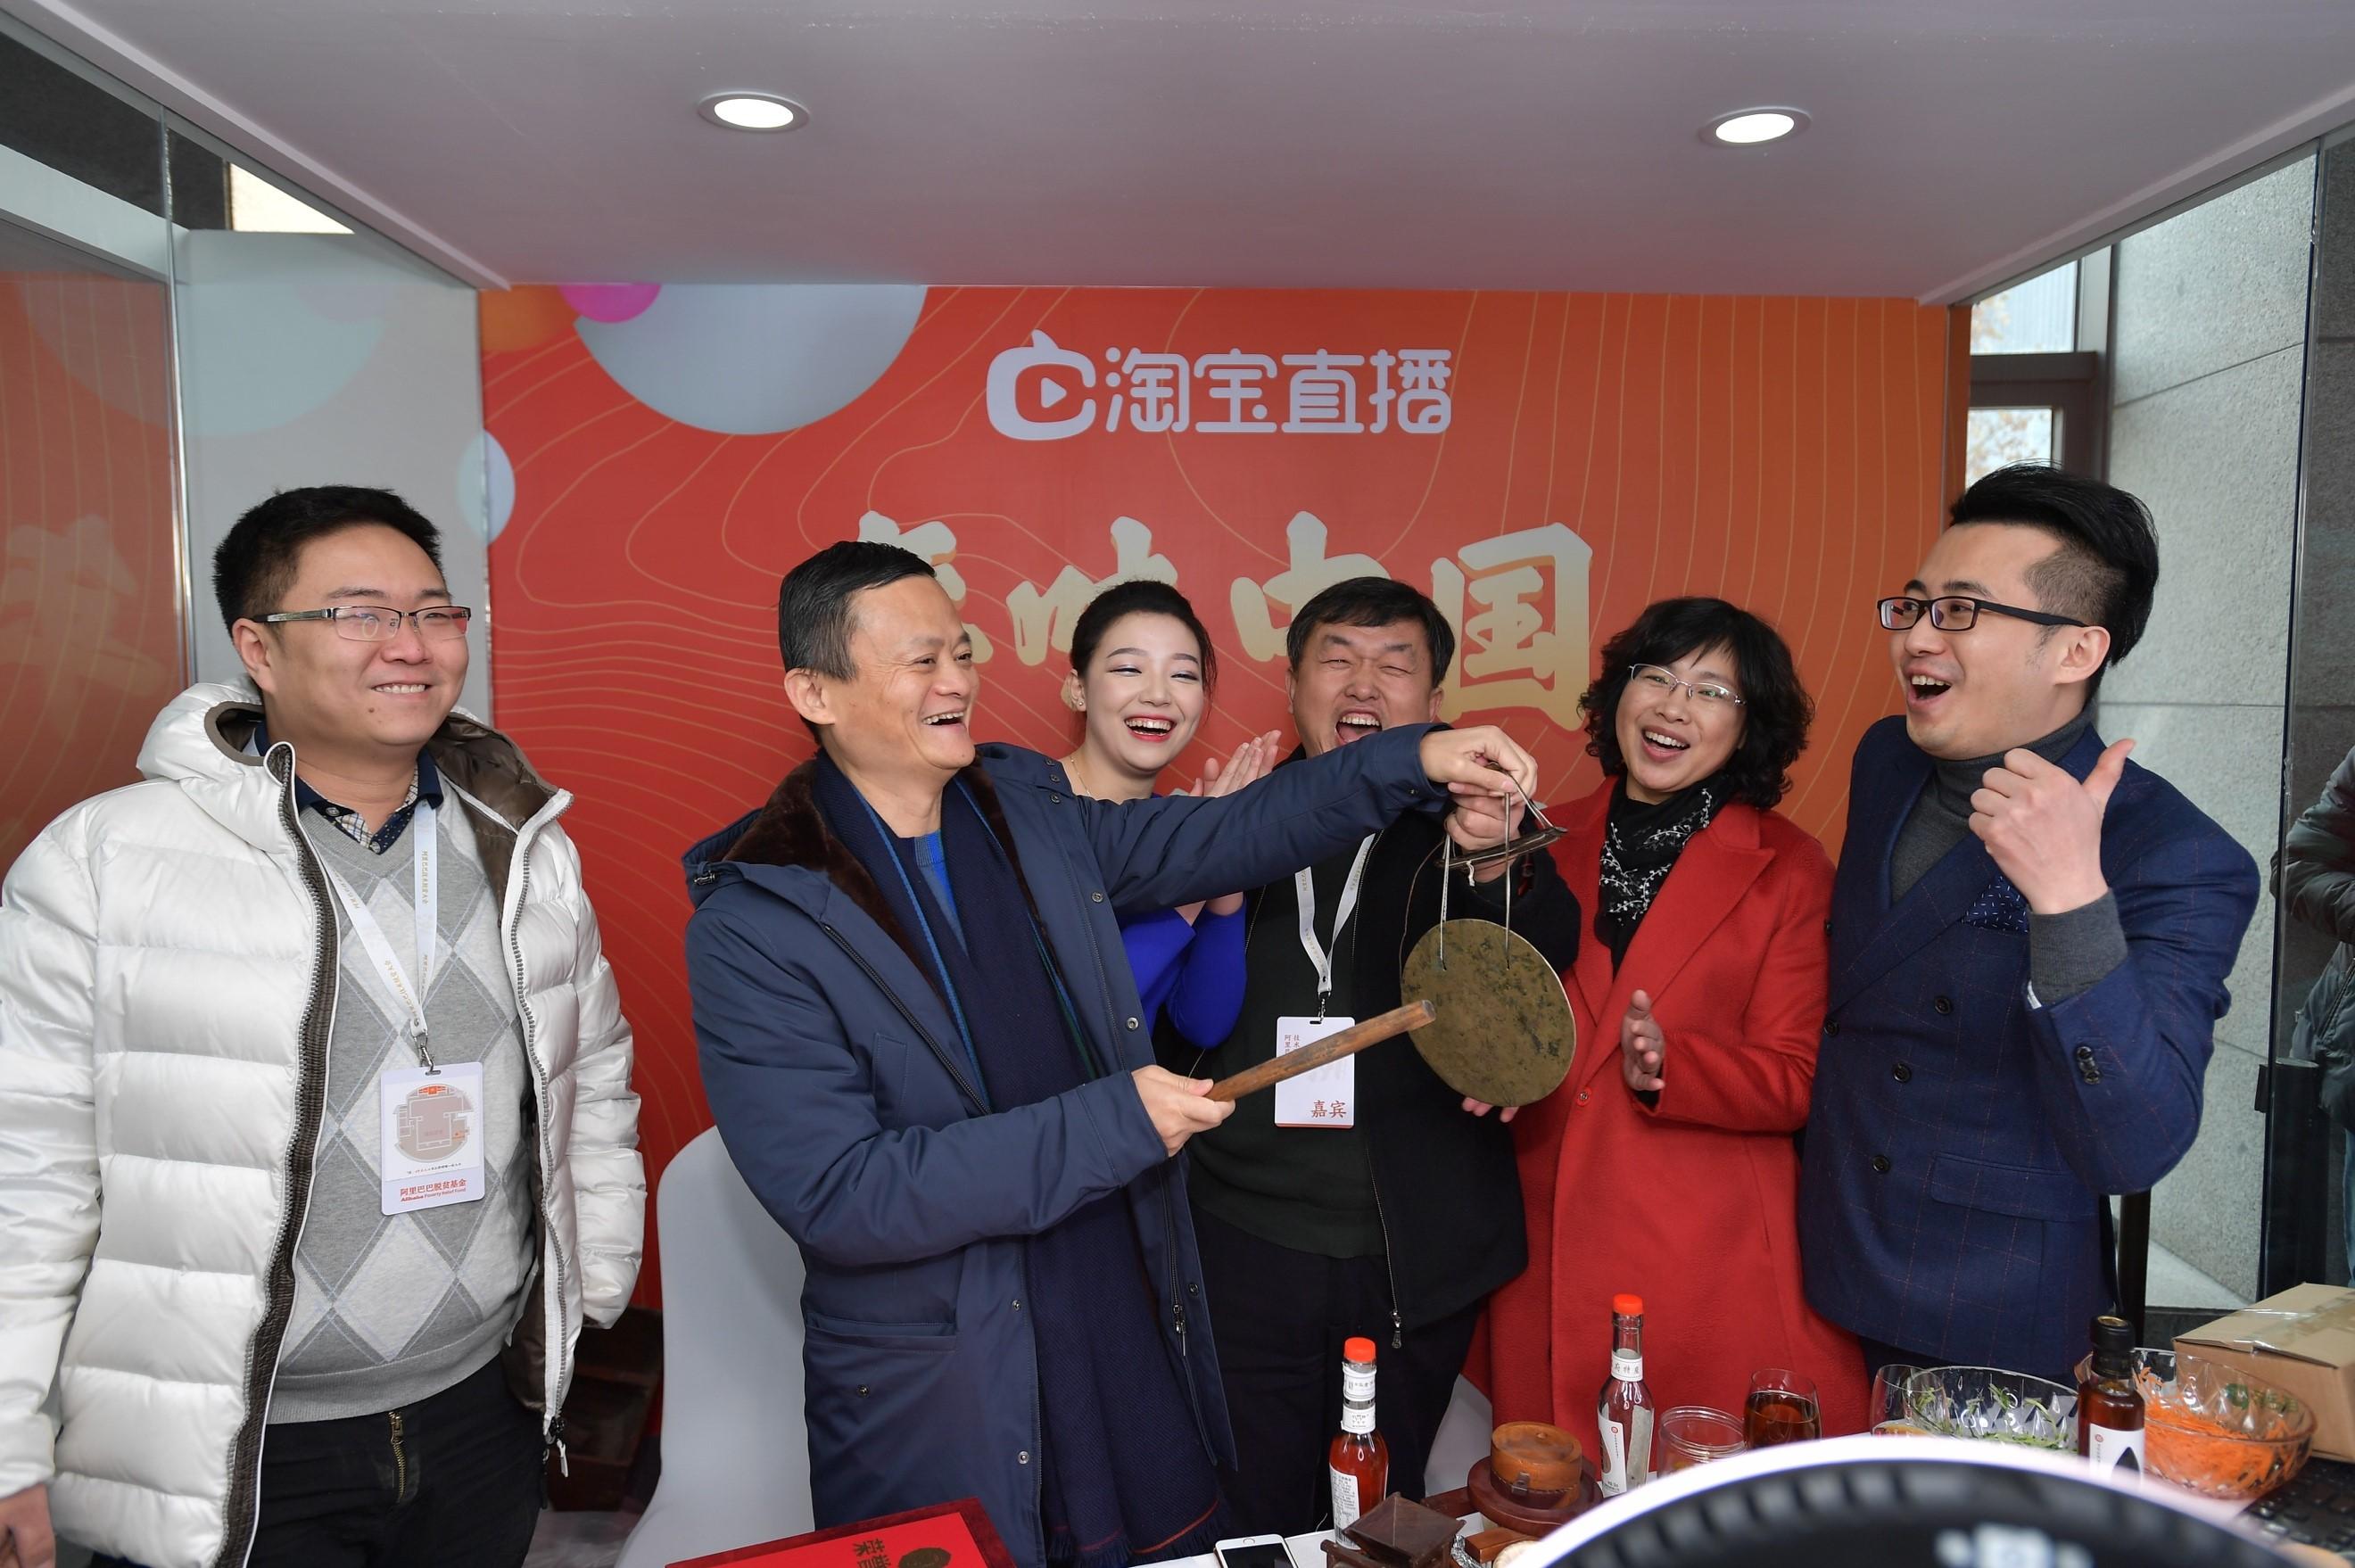 马云淘宝直播帮农民卖货,百万人刷屏点赞支持